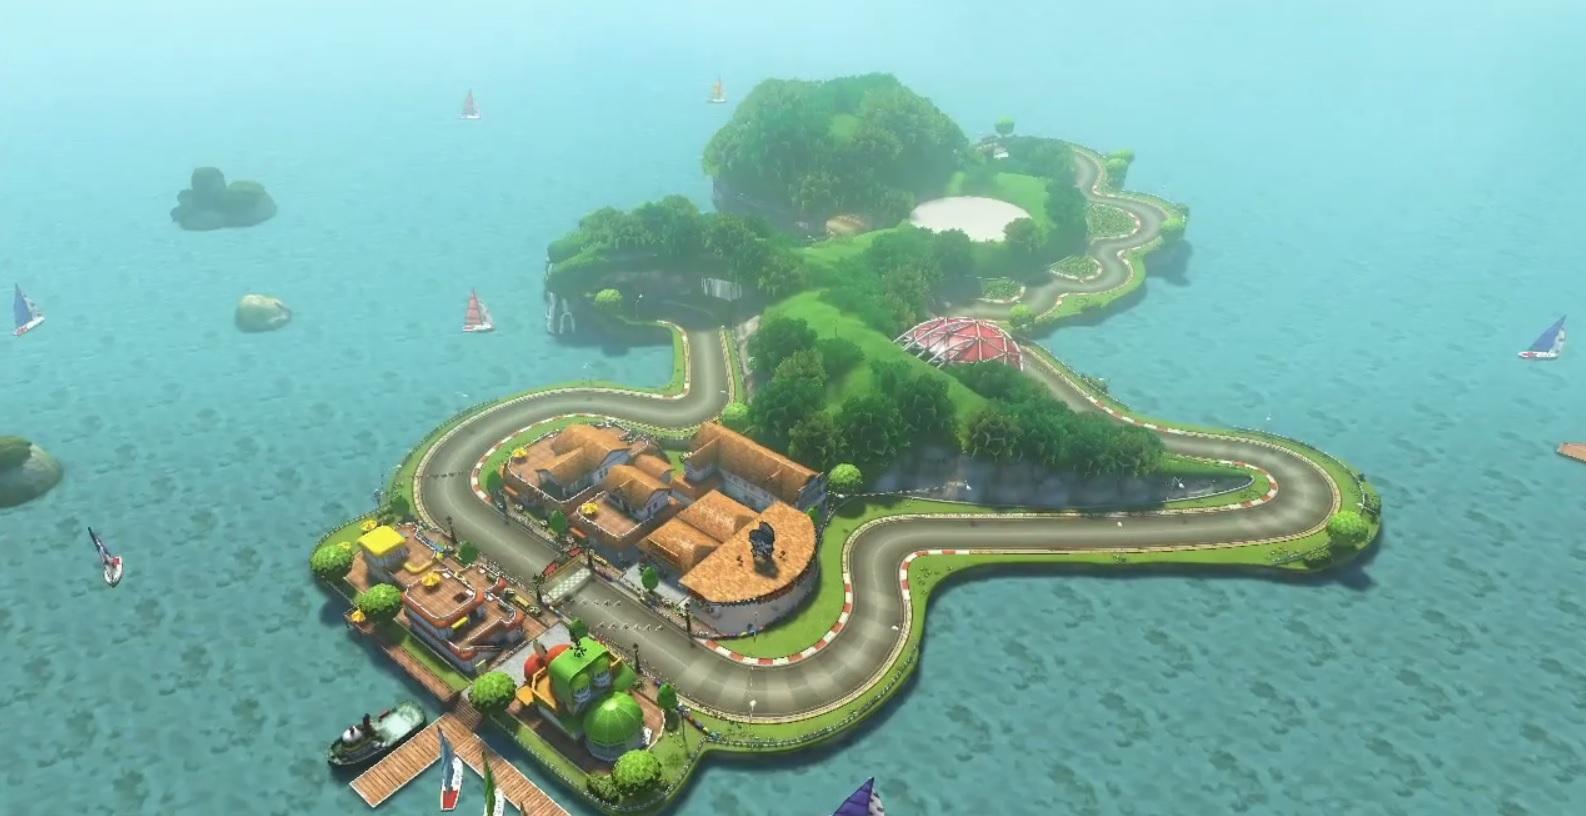 Yoshi Circuit in Mario Kart 8.